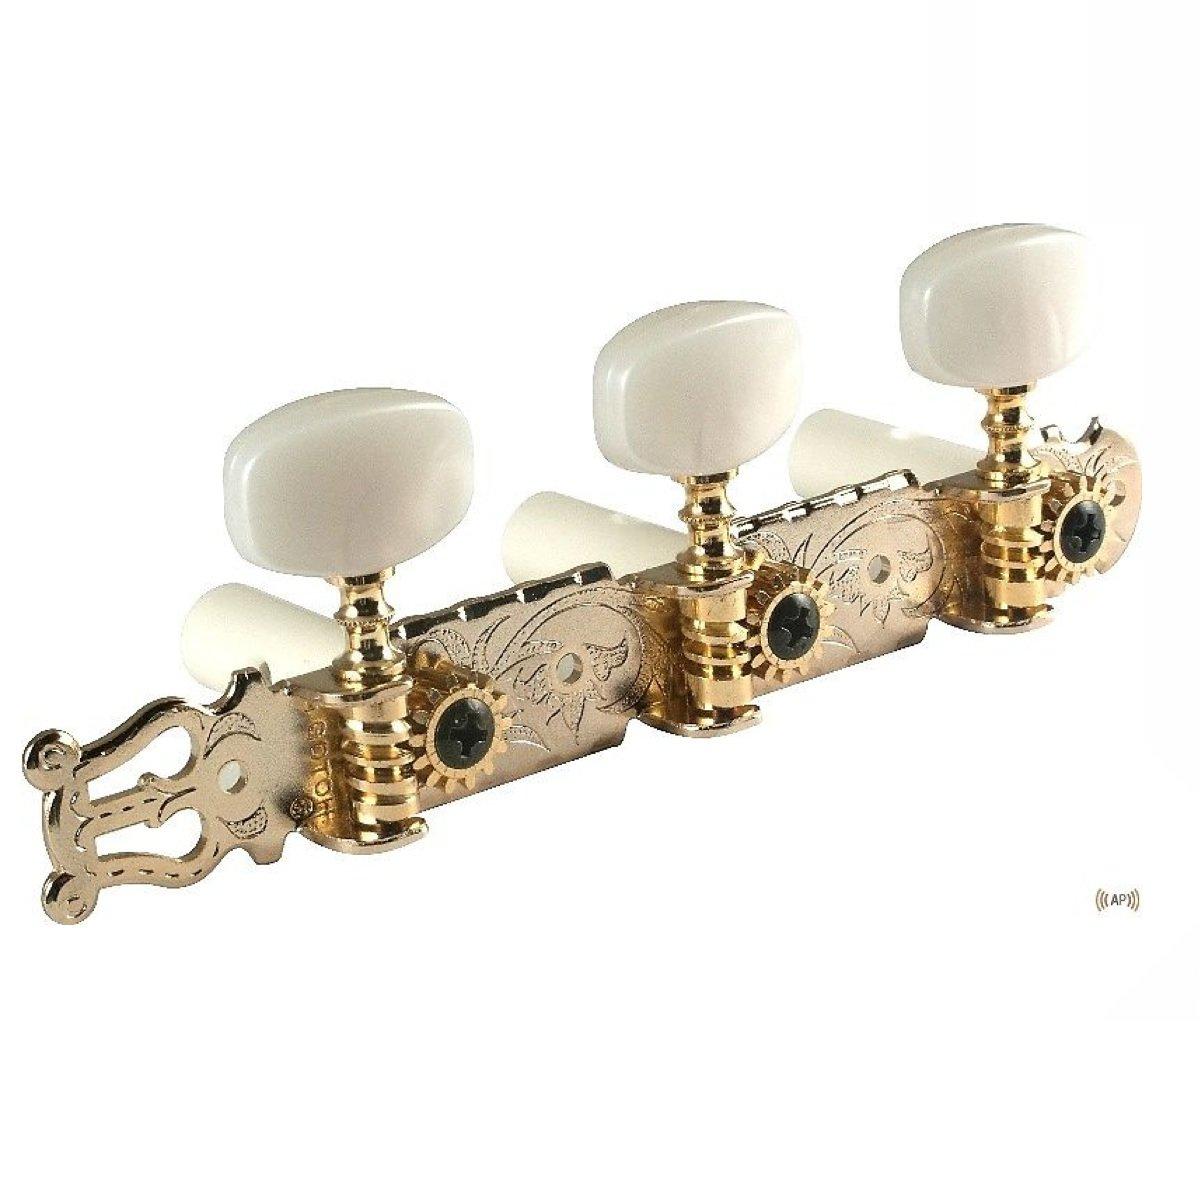 Dorado antiguo lyra-type Gotoh sintonizadores de guitarra clásica ...